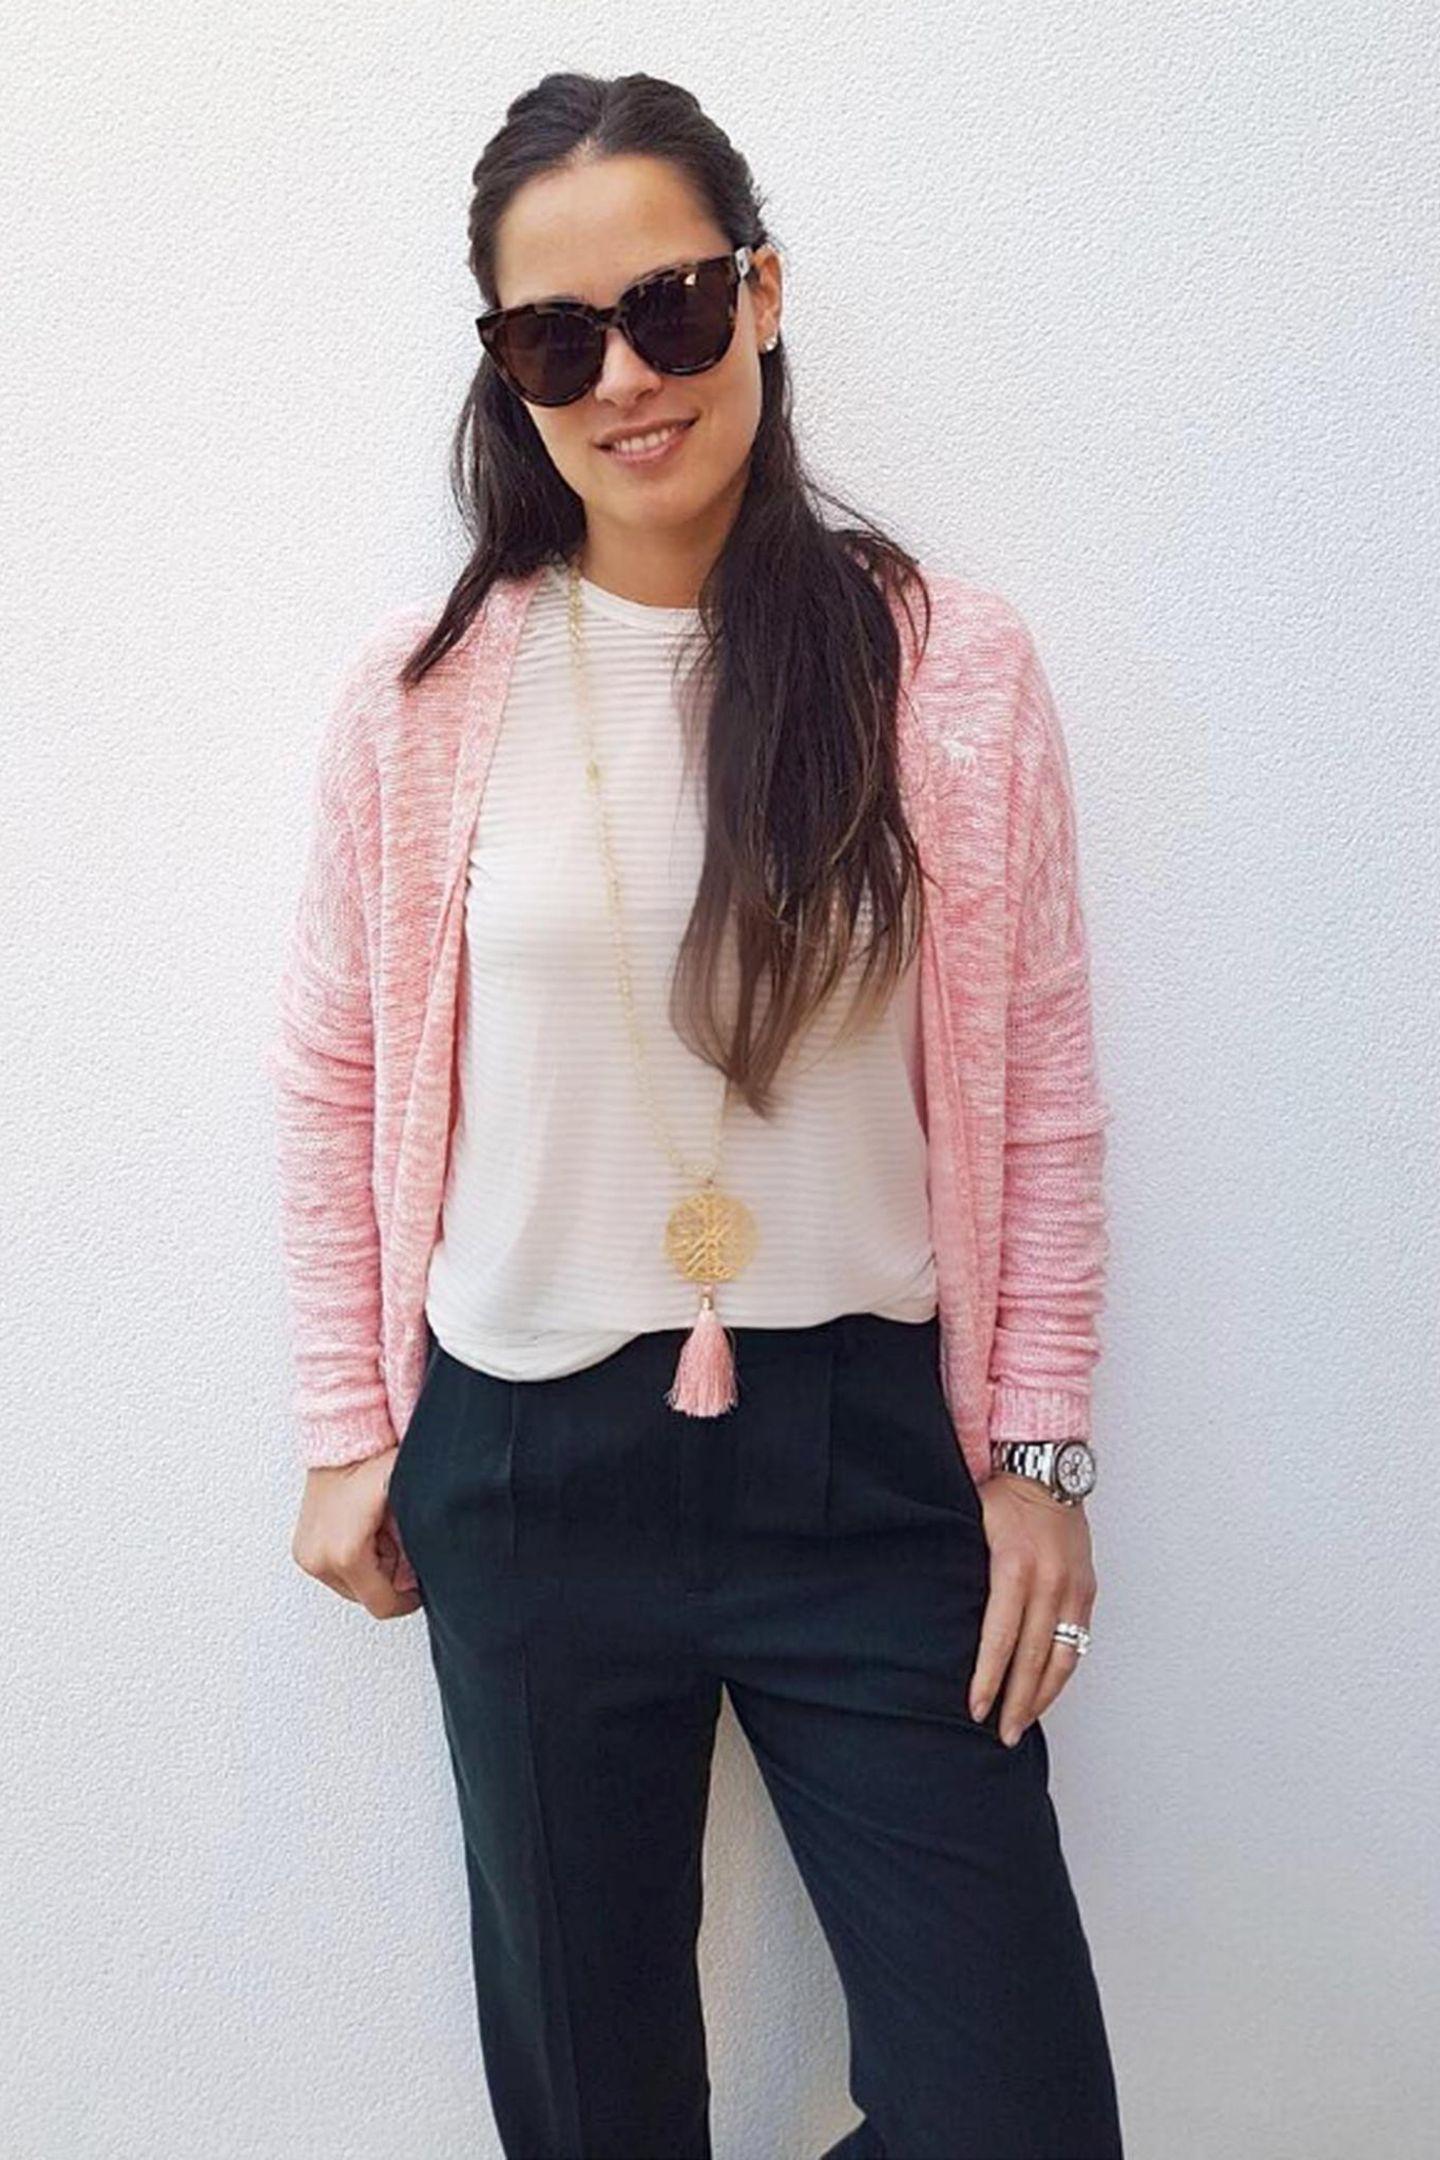 """Frisch in den Frühling! Ana Ivanovic schickt ihren Instagram-Fans dieses Bild ihres """"Outfit des Tages"""". Den rosafarbenen Cardigan kombiniert schön kontrastreich mit der dunkelblauen Hose. Und auch die Kette ist als Accessoire ist perfekt abgestimmt."""